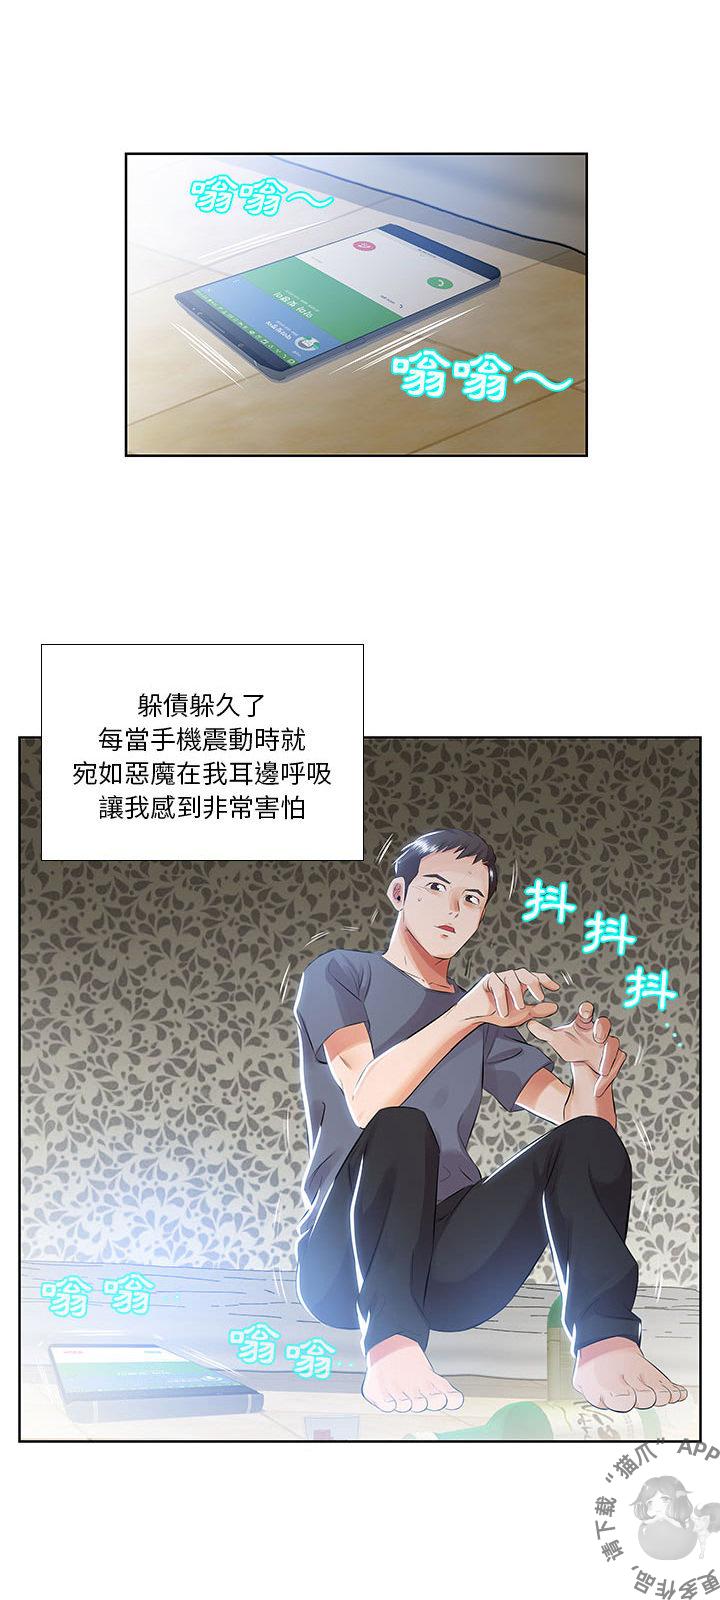 躲债夫妻档漫画免费在线阅读-韩漫基地